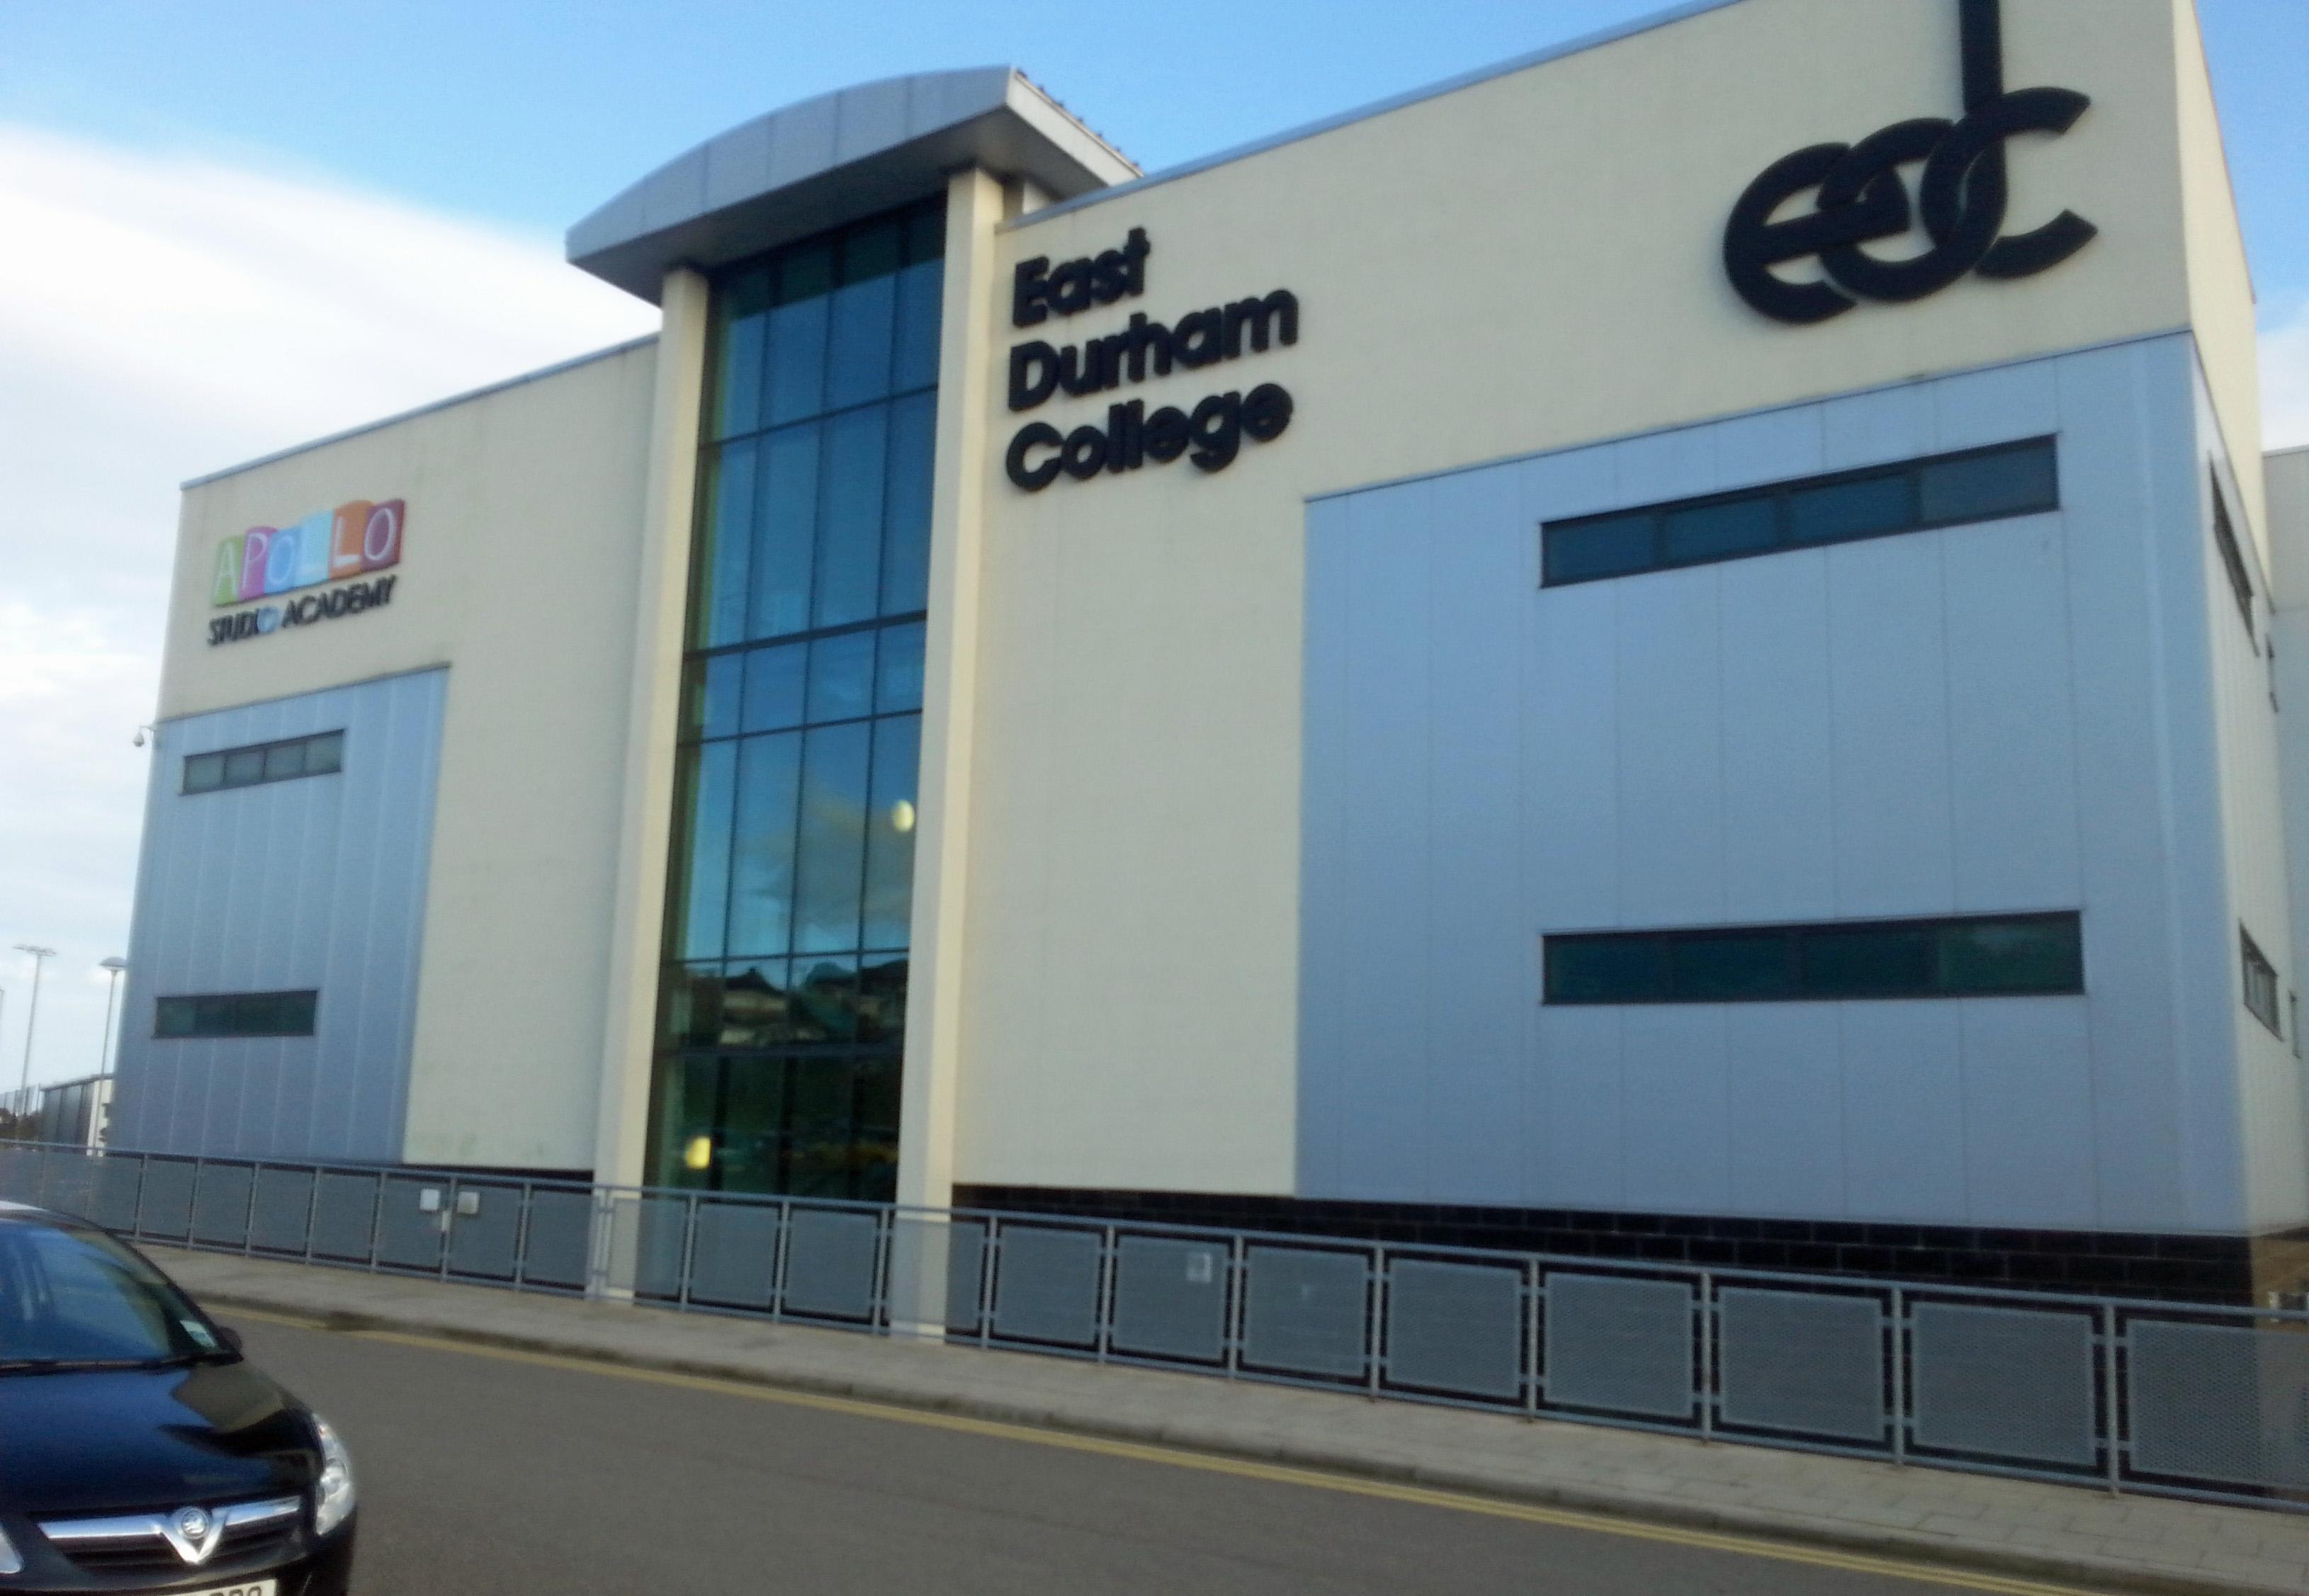 East Durham College